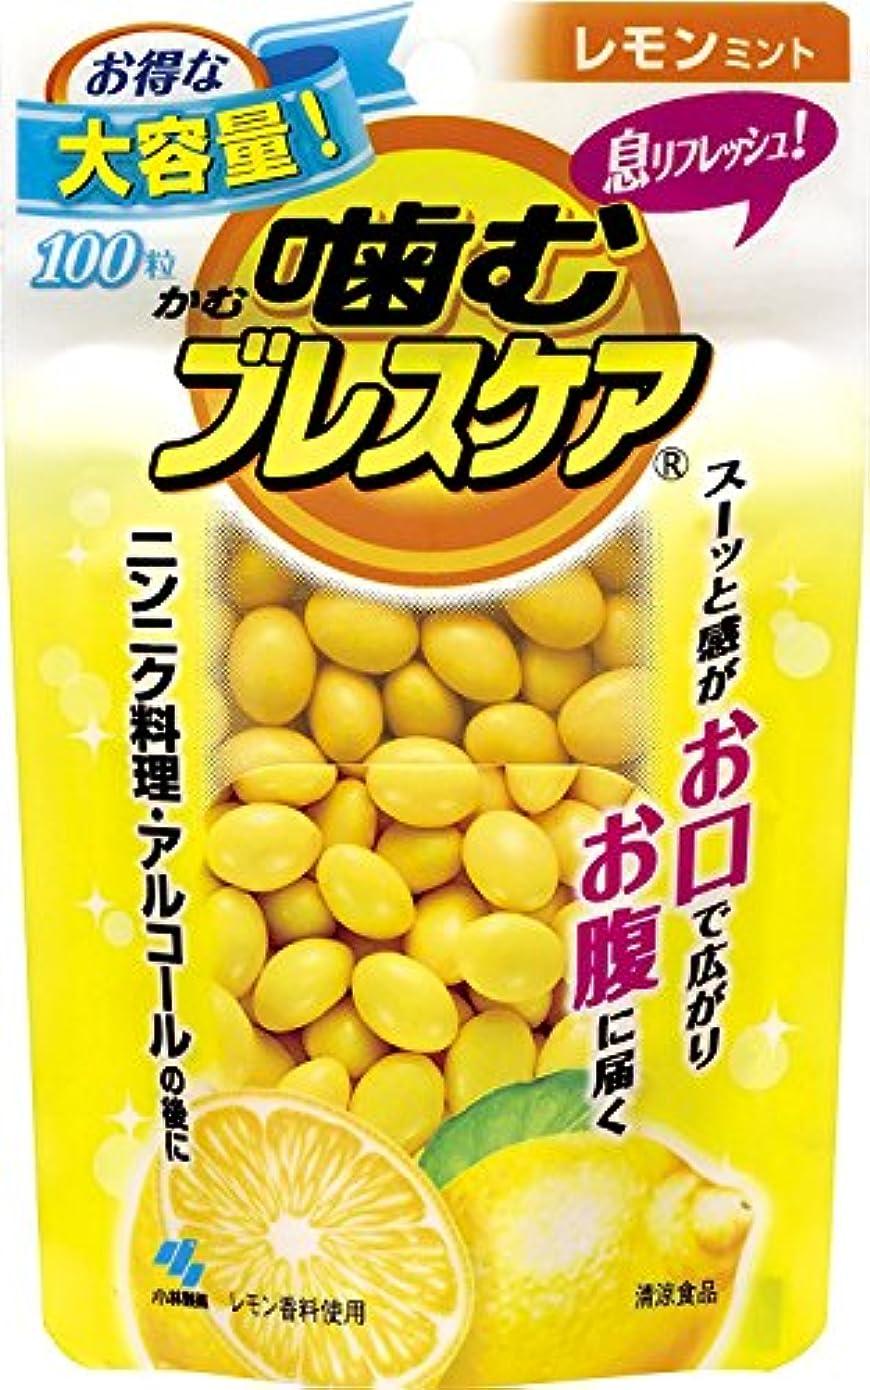 へこみパワーセル鉱夫噛むブレスケア 息リフレッシュグミ レモンミント パウチタイプ お得な大容量 100粒